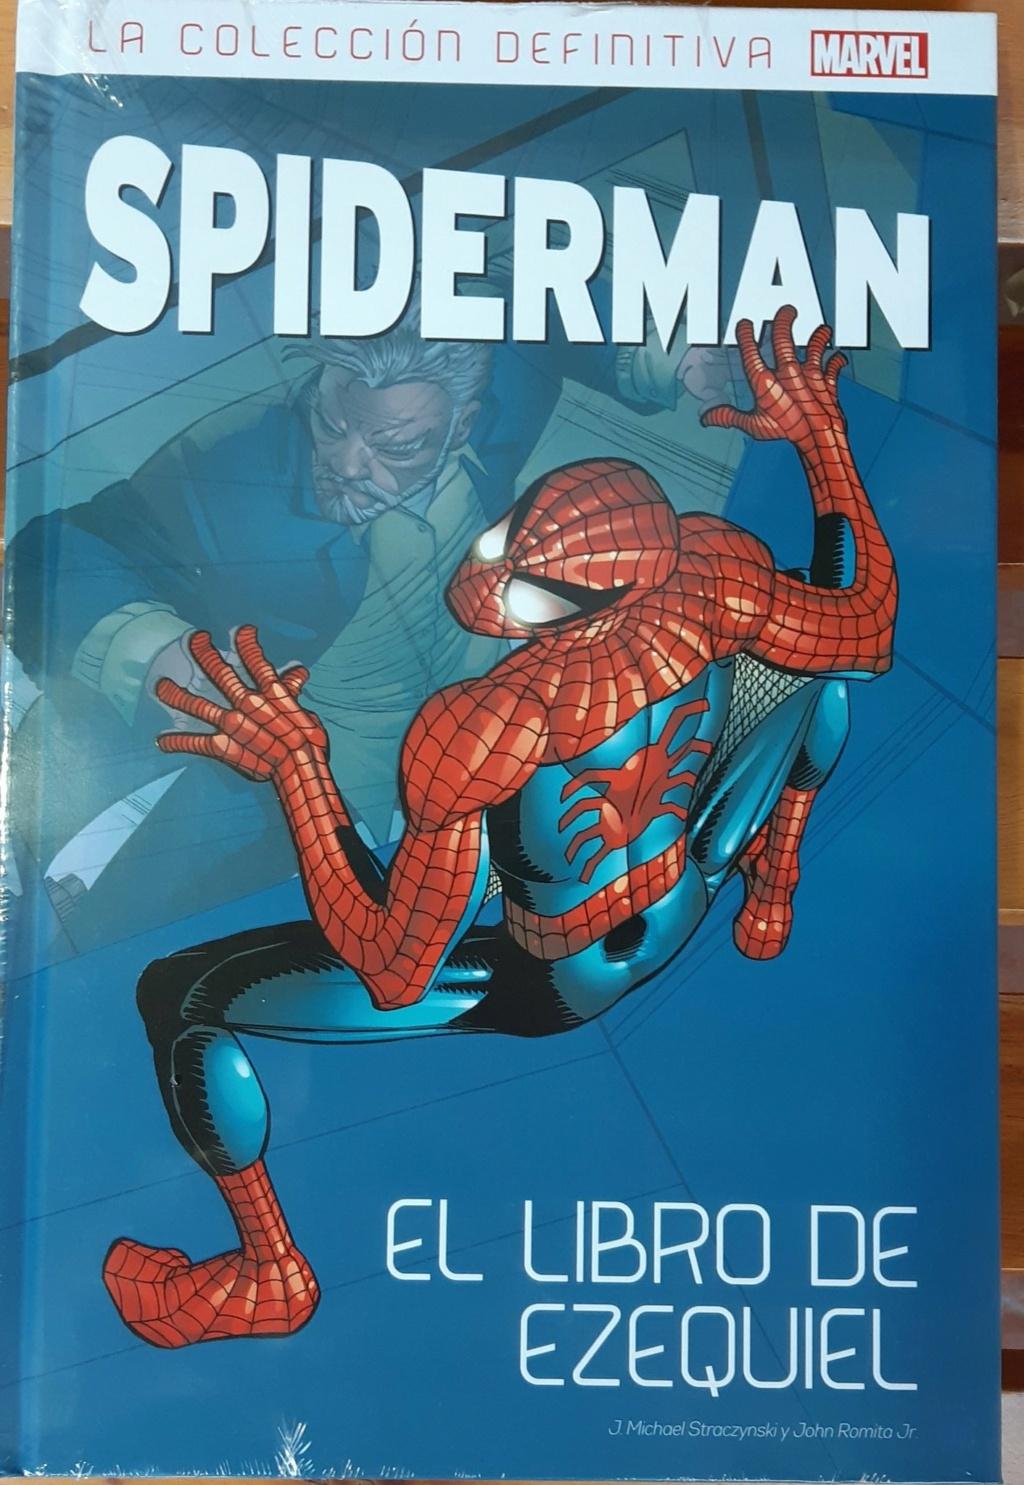 201 - [Marvel - SALVAT] SPIDERMAN La Colección Definitiva en Argentina - Página 8 Erncs910